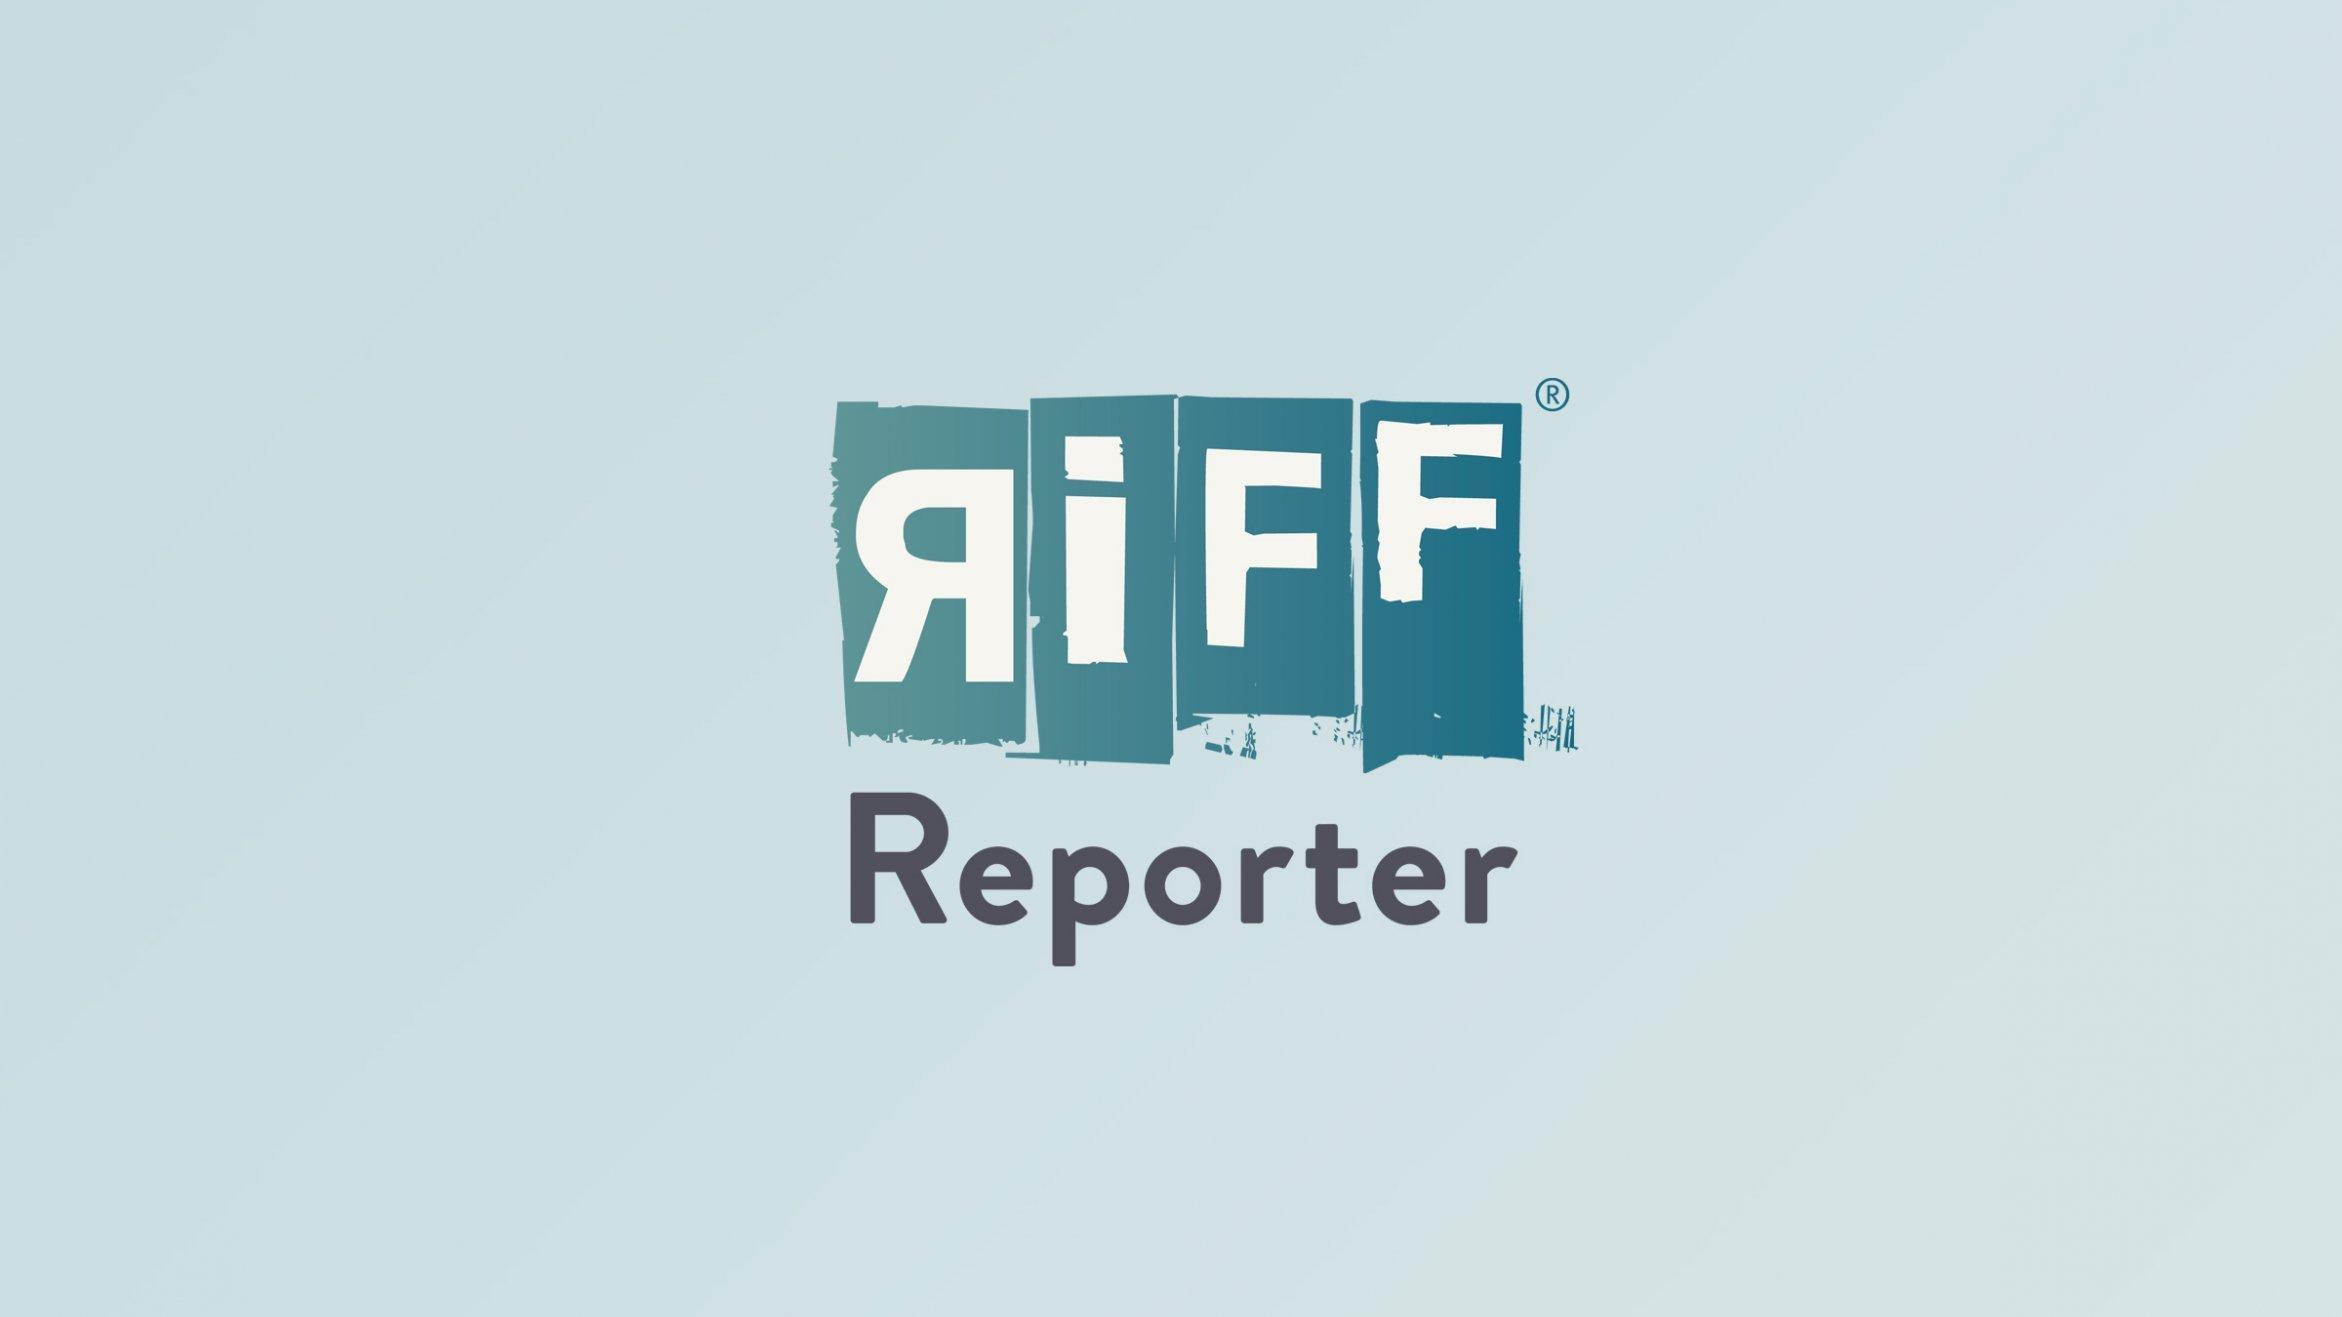 Abbildung des Medium-Freskos mit mehreren Gänsezeichnungen